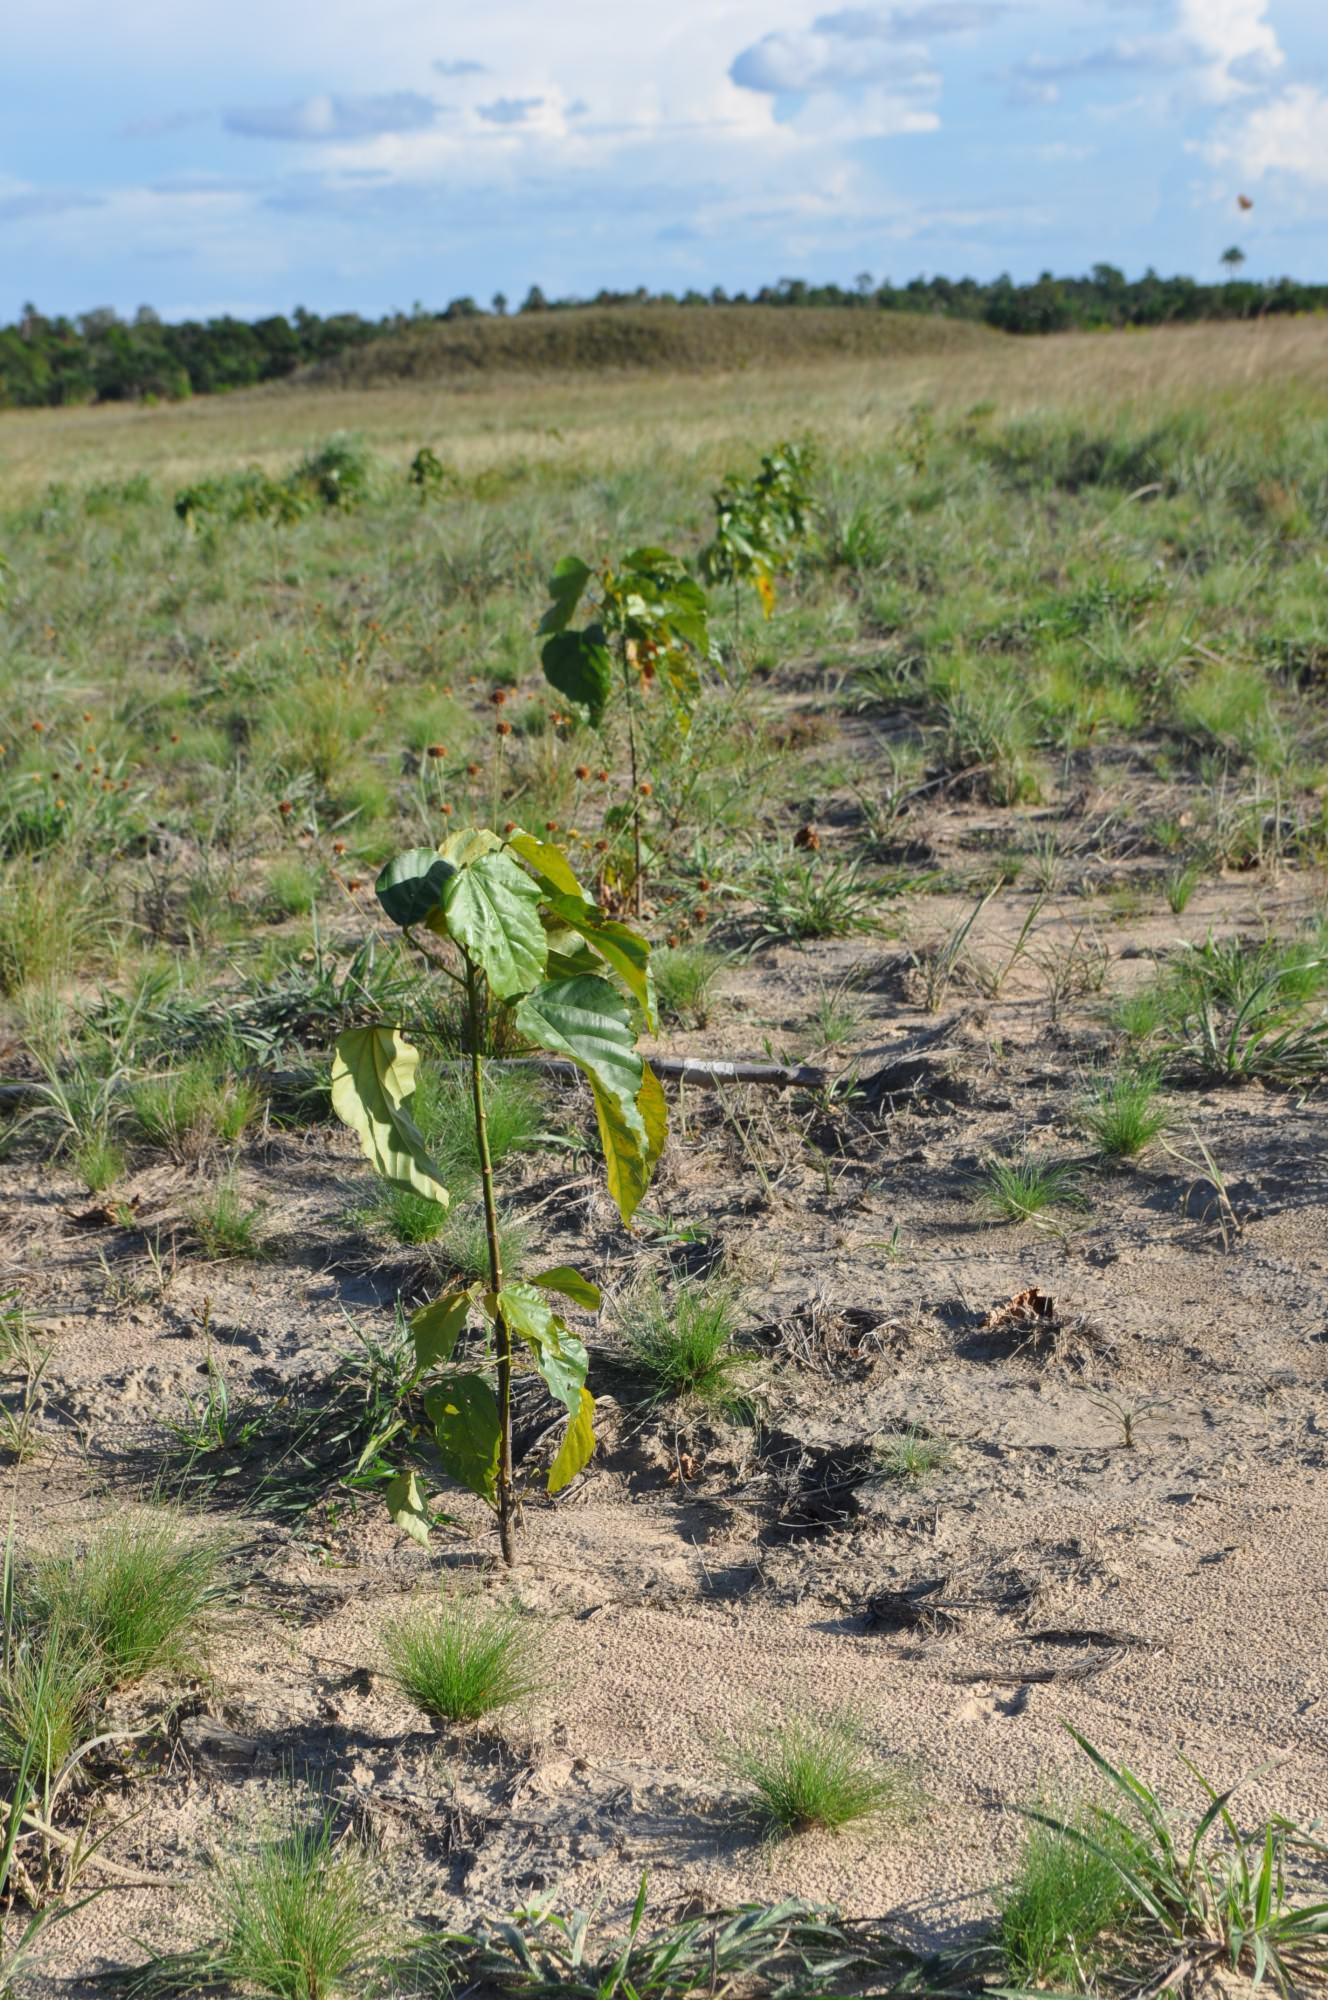 Bixa orellana topics | Tree-Nation - Forestry knowledge database